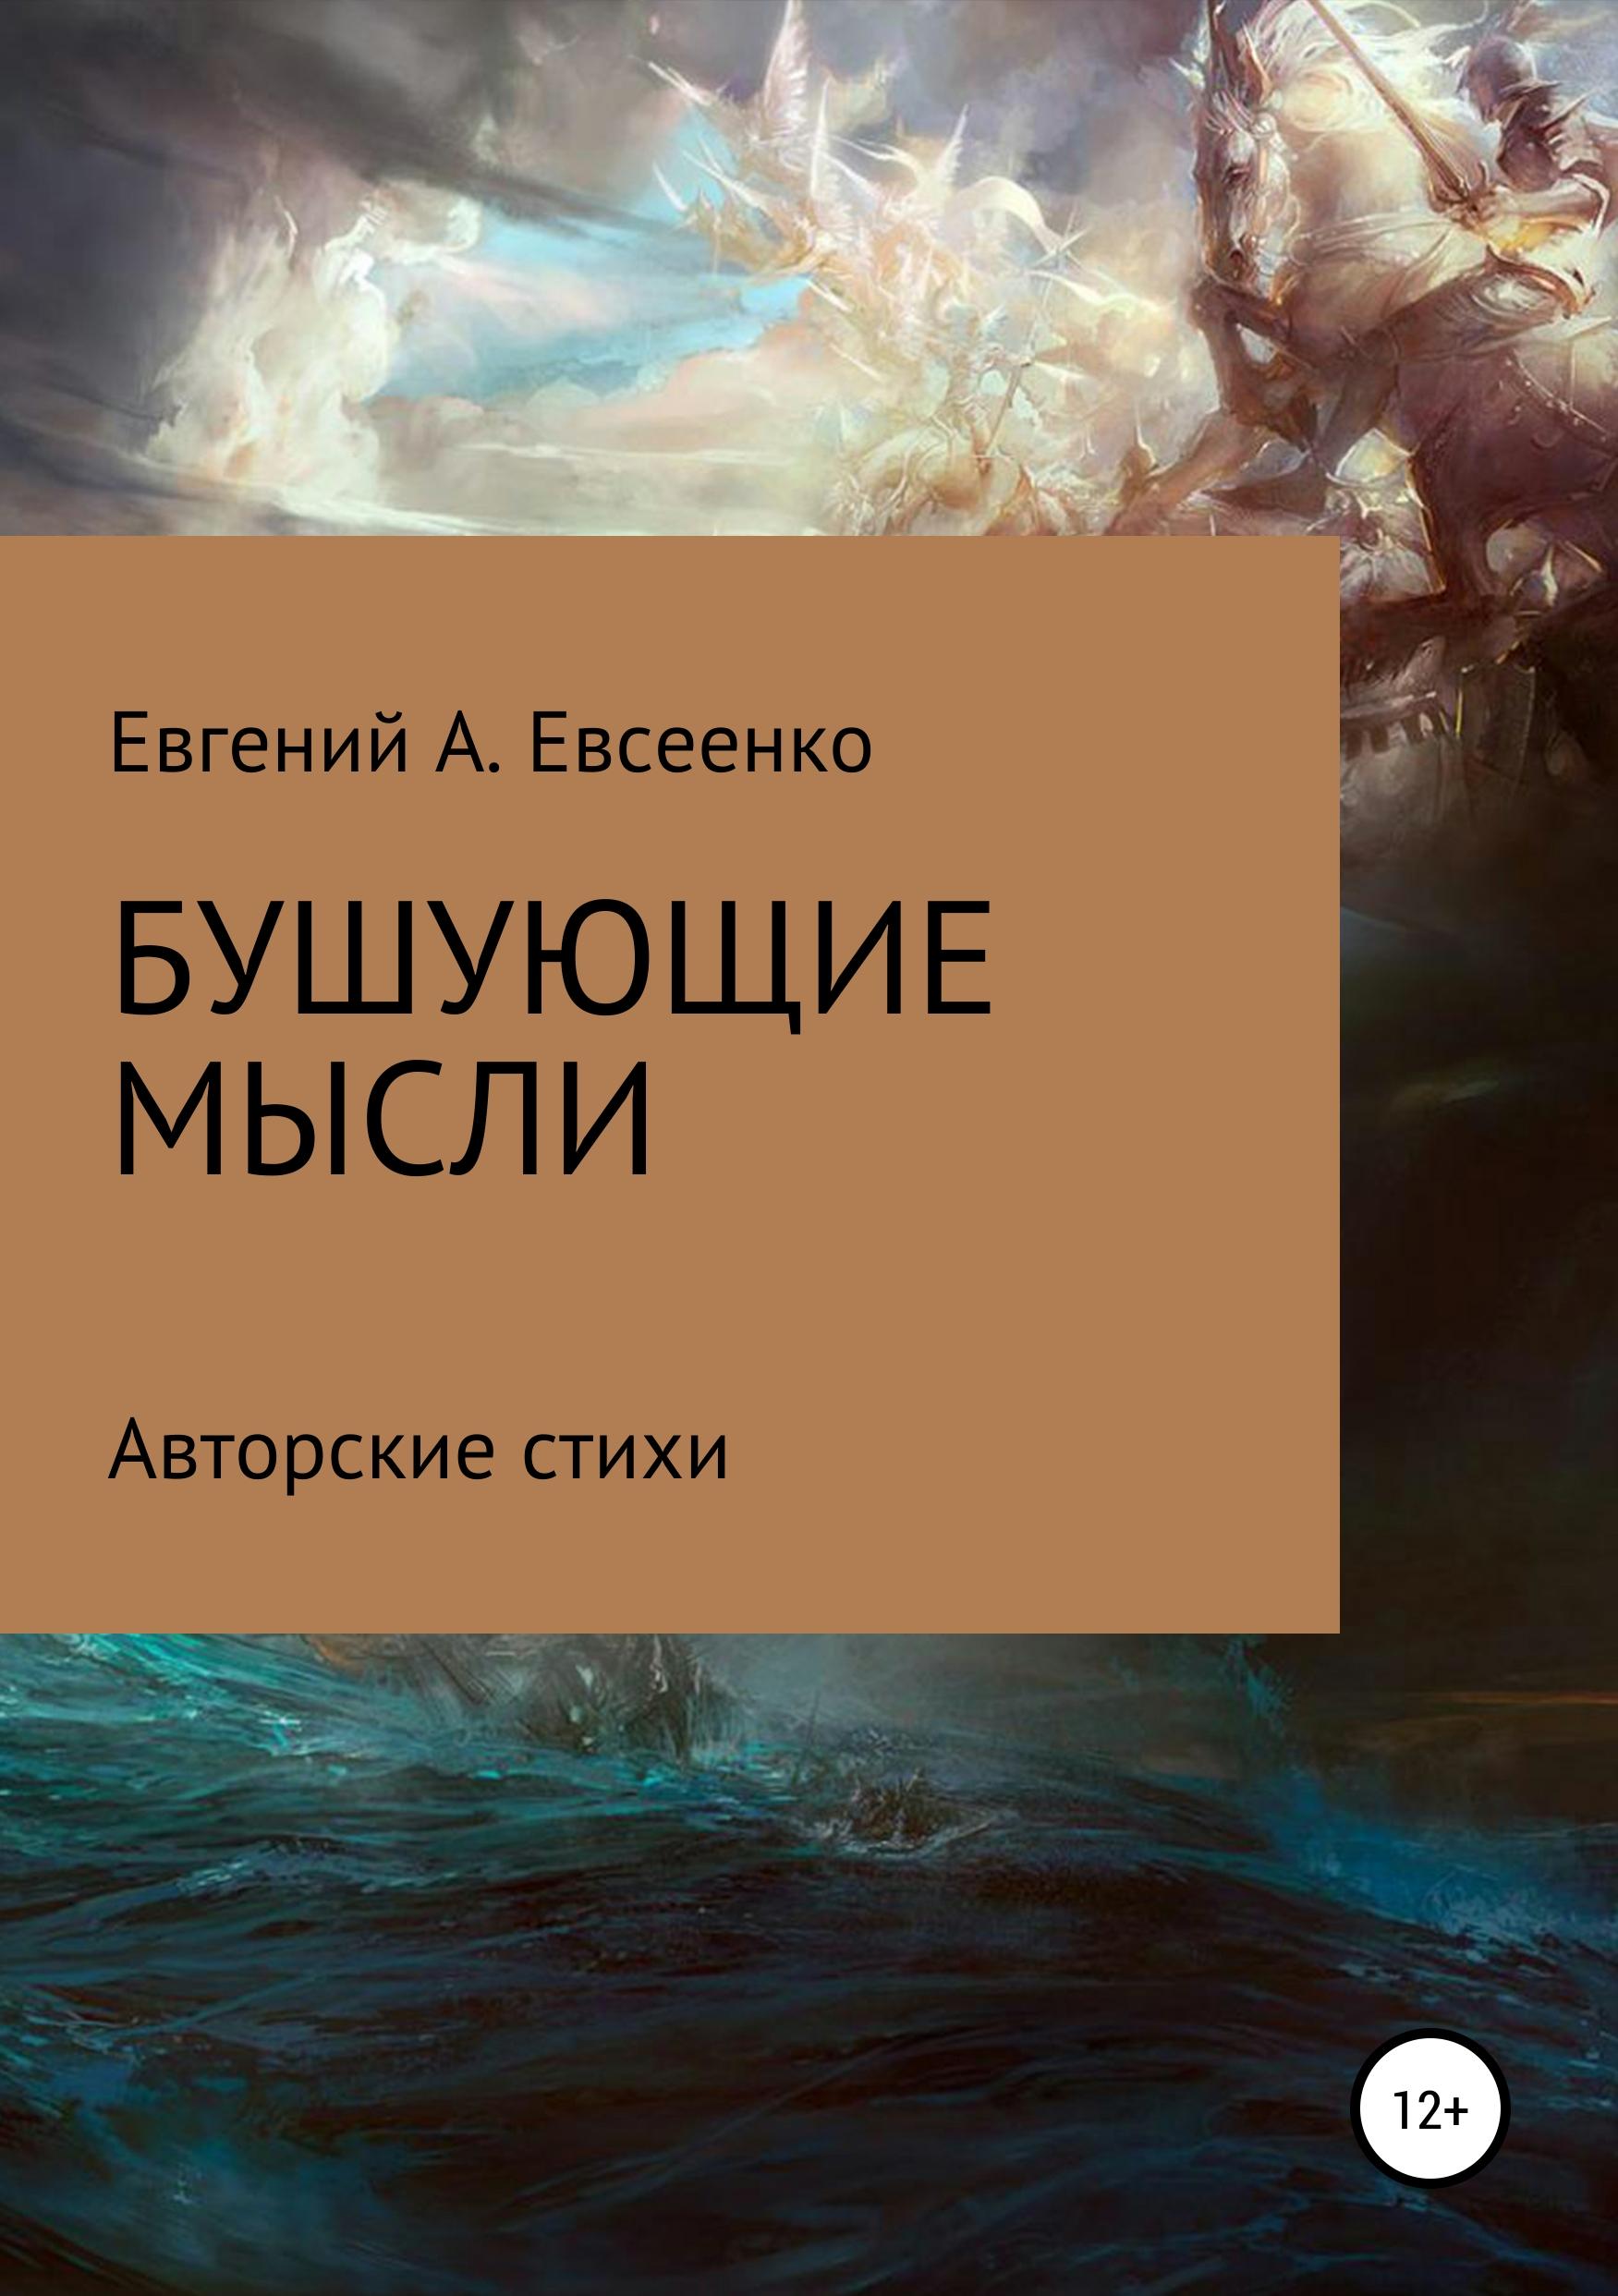 Евгений Александрович Евсеенко Бушующие мысли константин александрович токарев наша жизнь